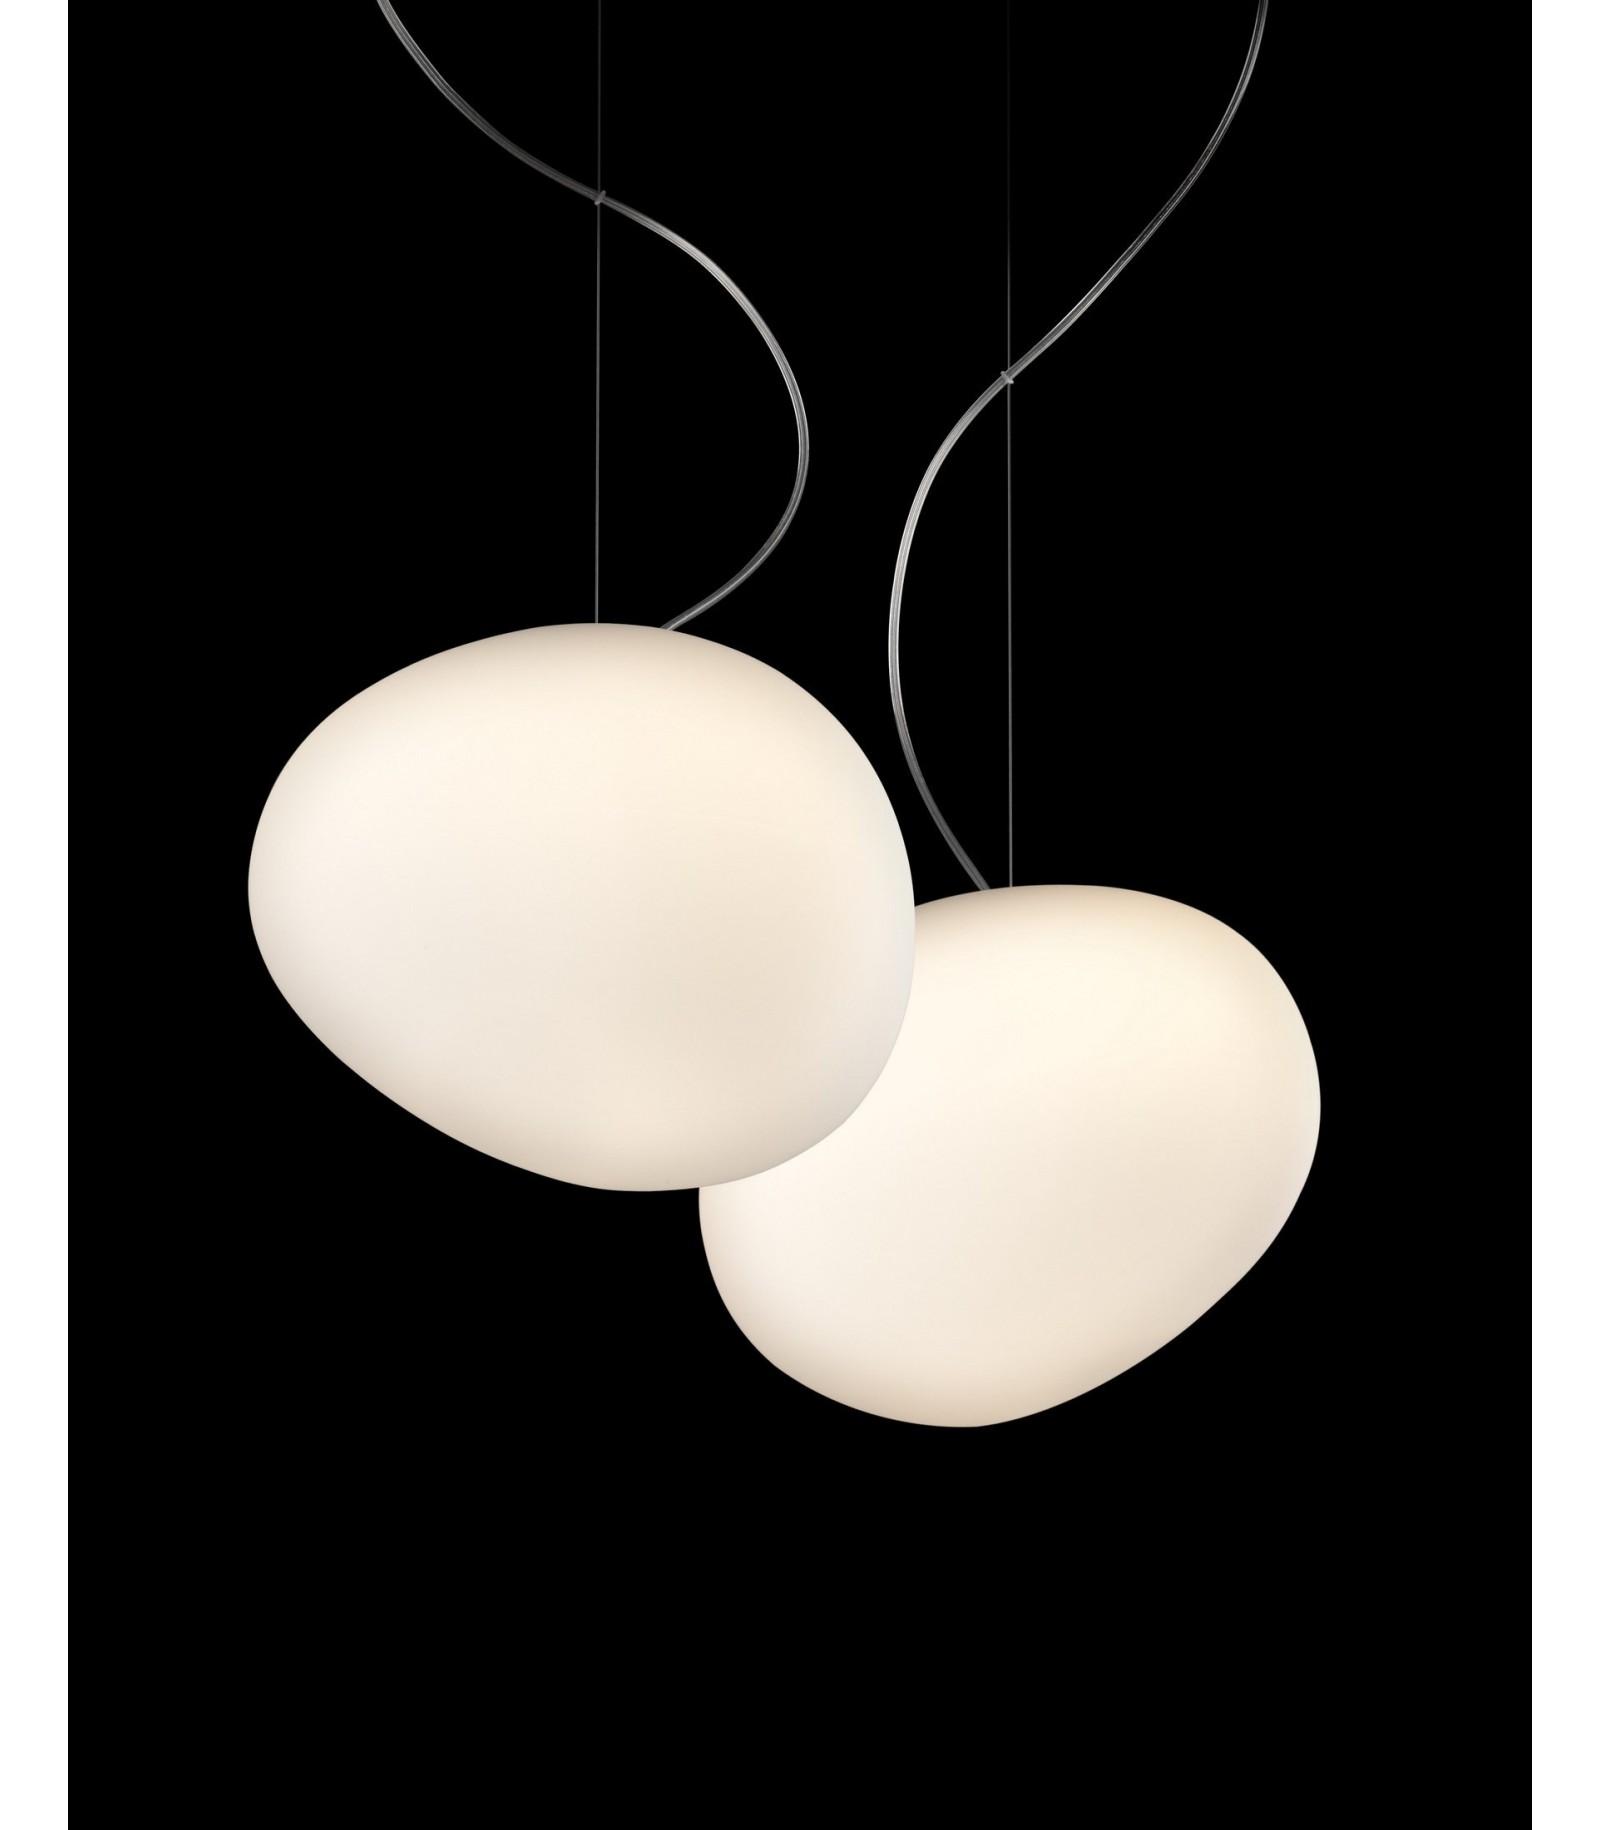 Lampada foscarini gregg sospensione - Lampada sospensione design ...